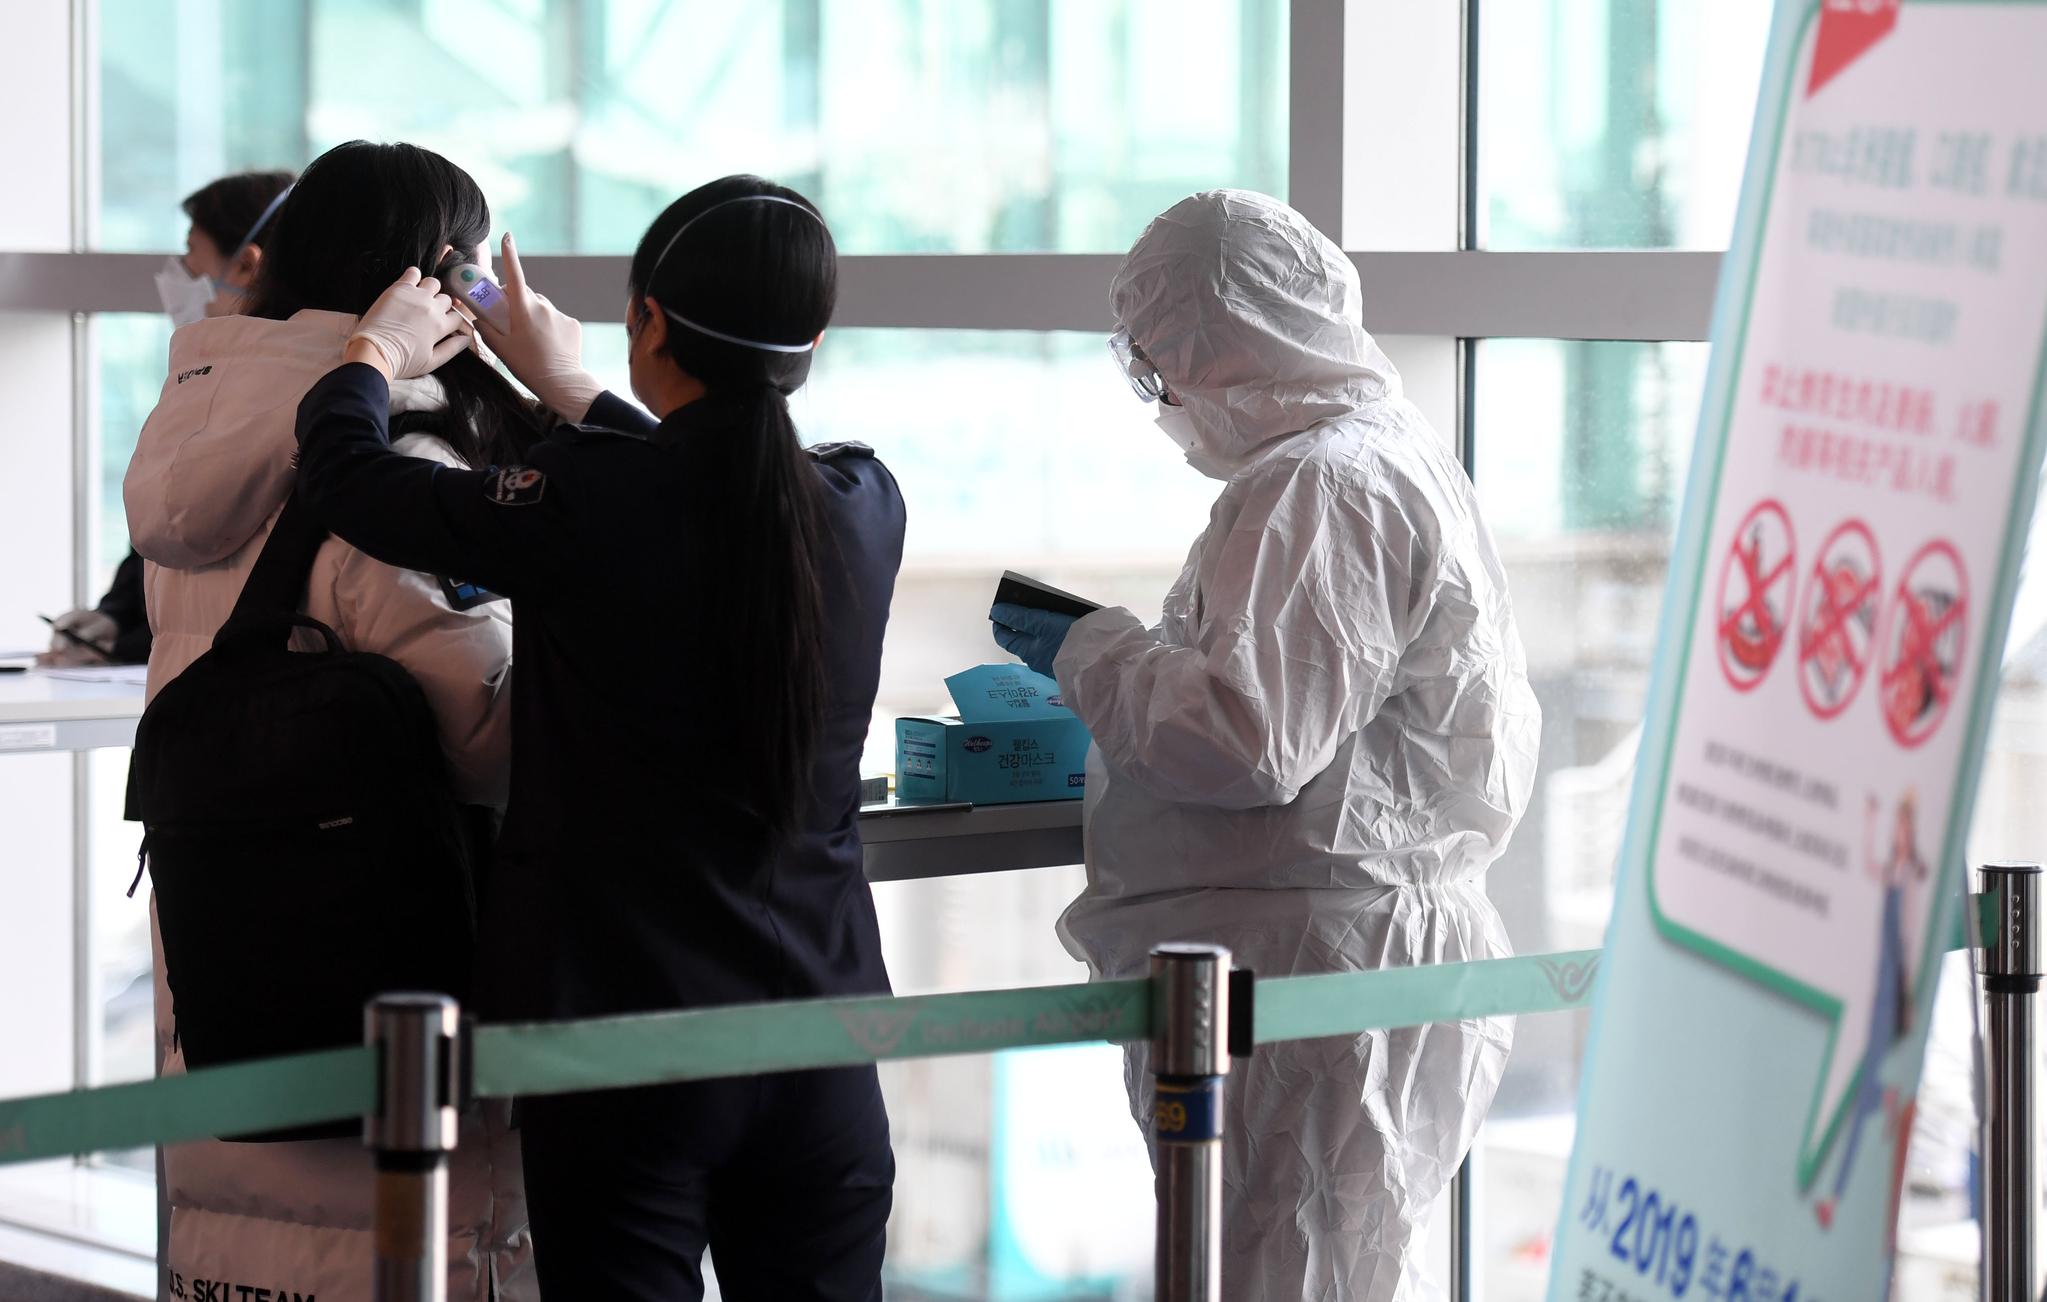 신종 코로나바이러스 감염증 공포가 확산하는 가운데 1월 29일 인천국제공항 제1터미널 입국장에서 중국 텐진발 입국한 사람들이 검역을 받고 있다. 최정동 기자